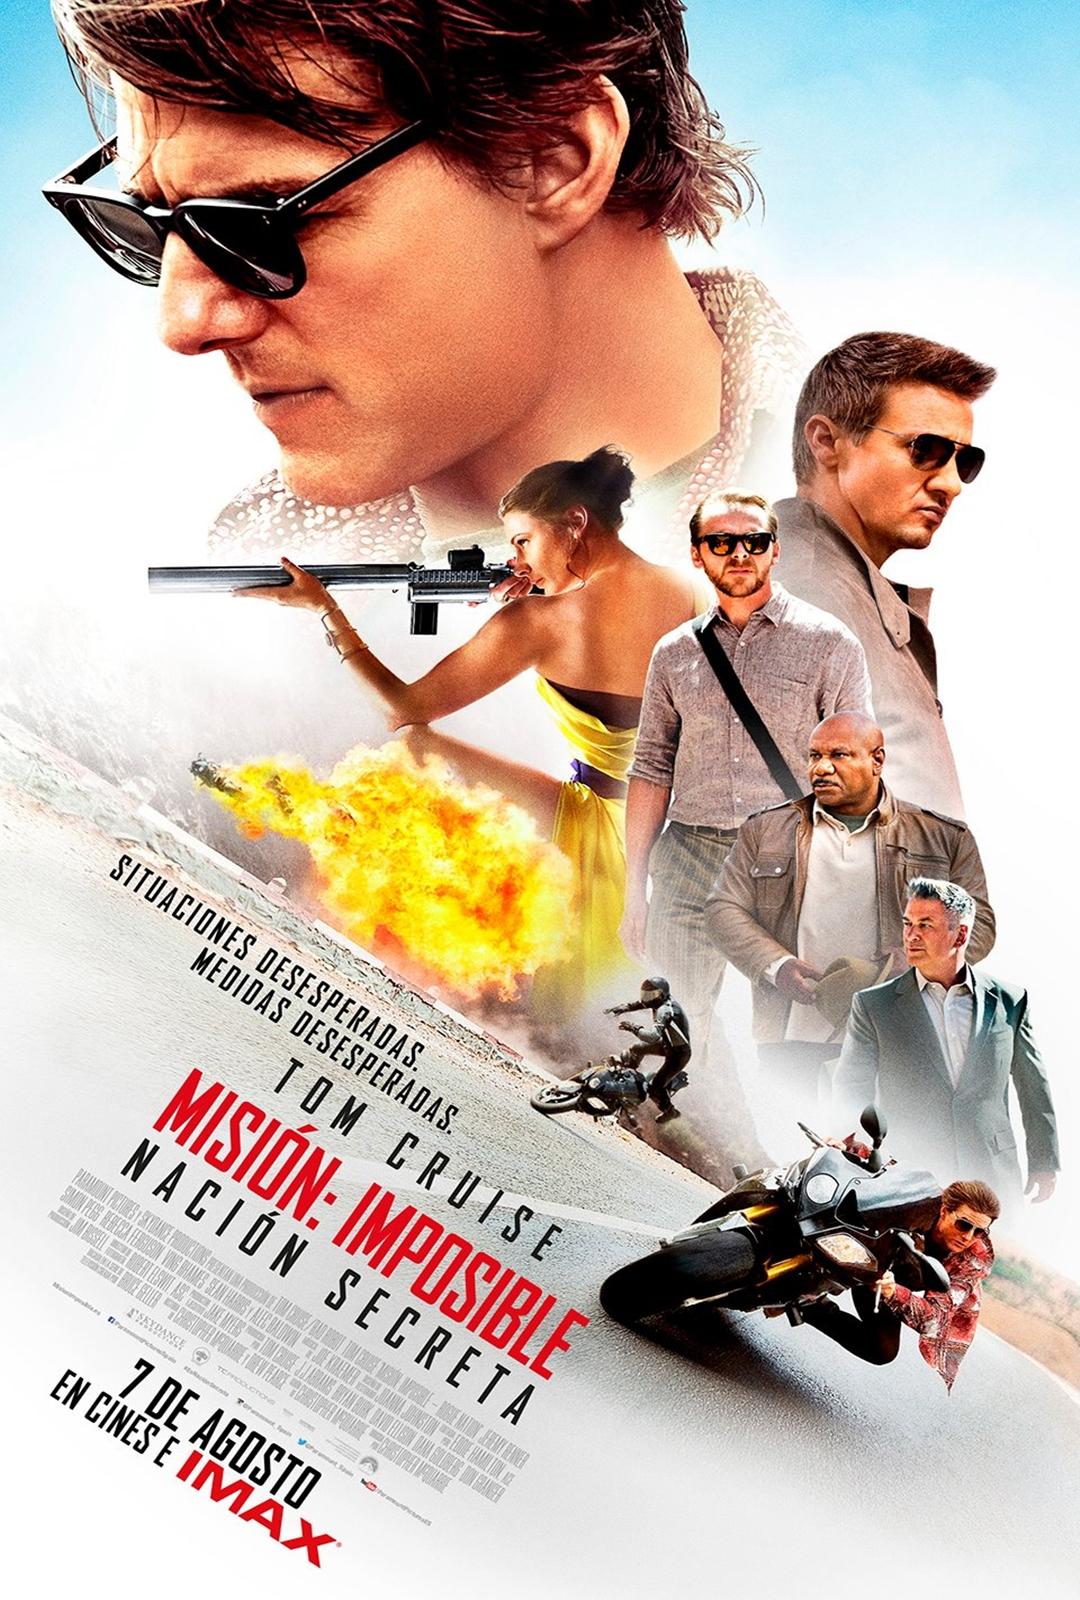 Misión Imposible 5 : Nación secreta - Película 2015 - SensaCine.com